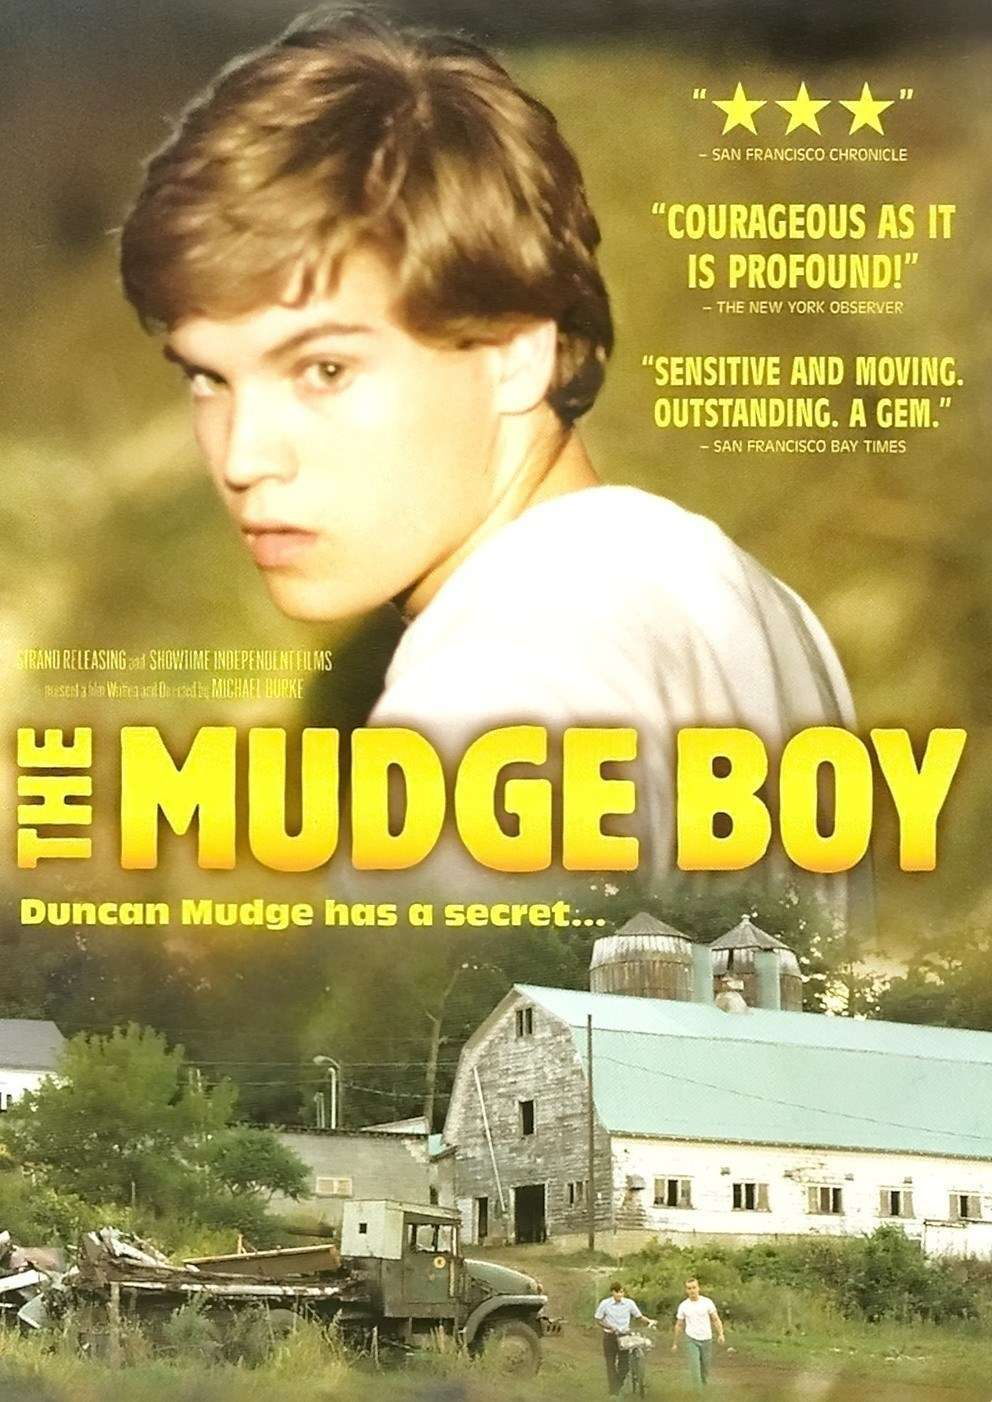 The Mudge Boy kapak